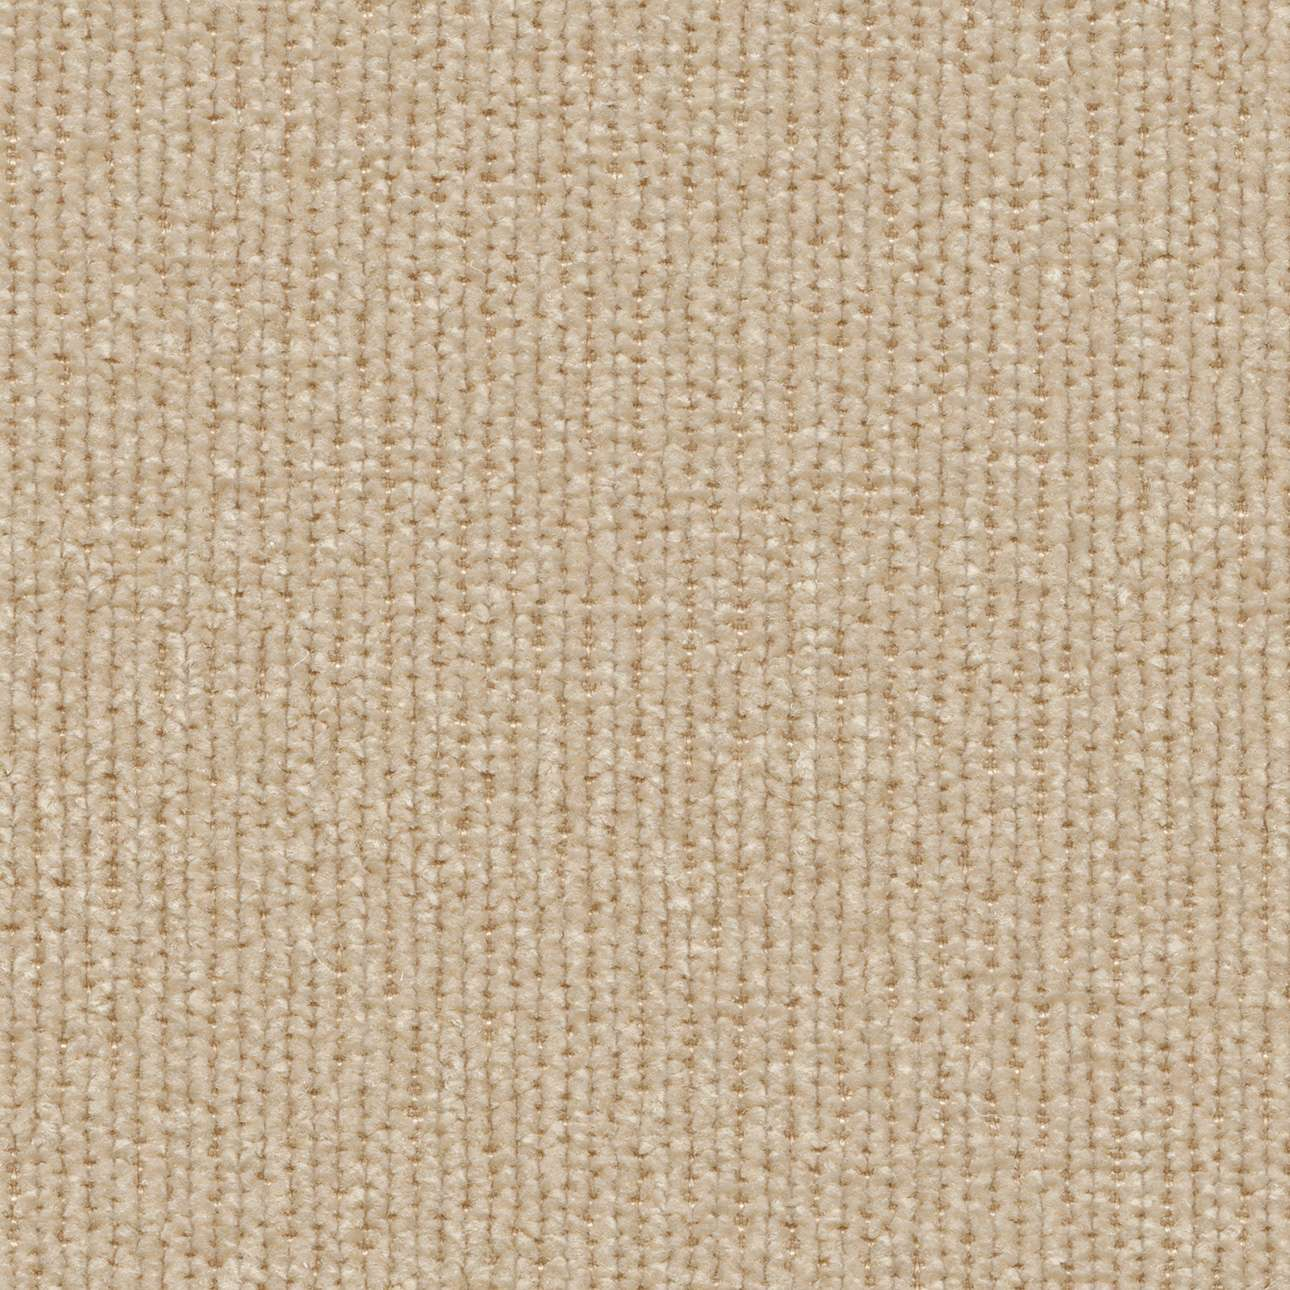 Backabro 3-Sitzer Sofabezug ausklappbar von der Kollektion Living, Stoff: 160-91